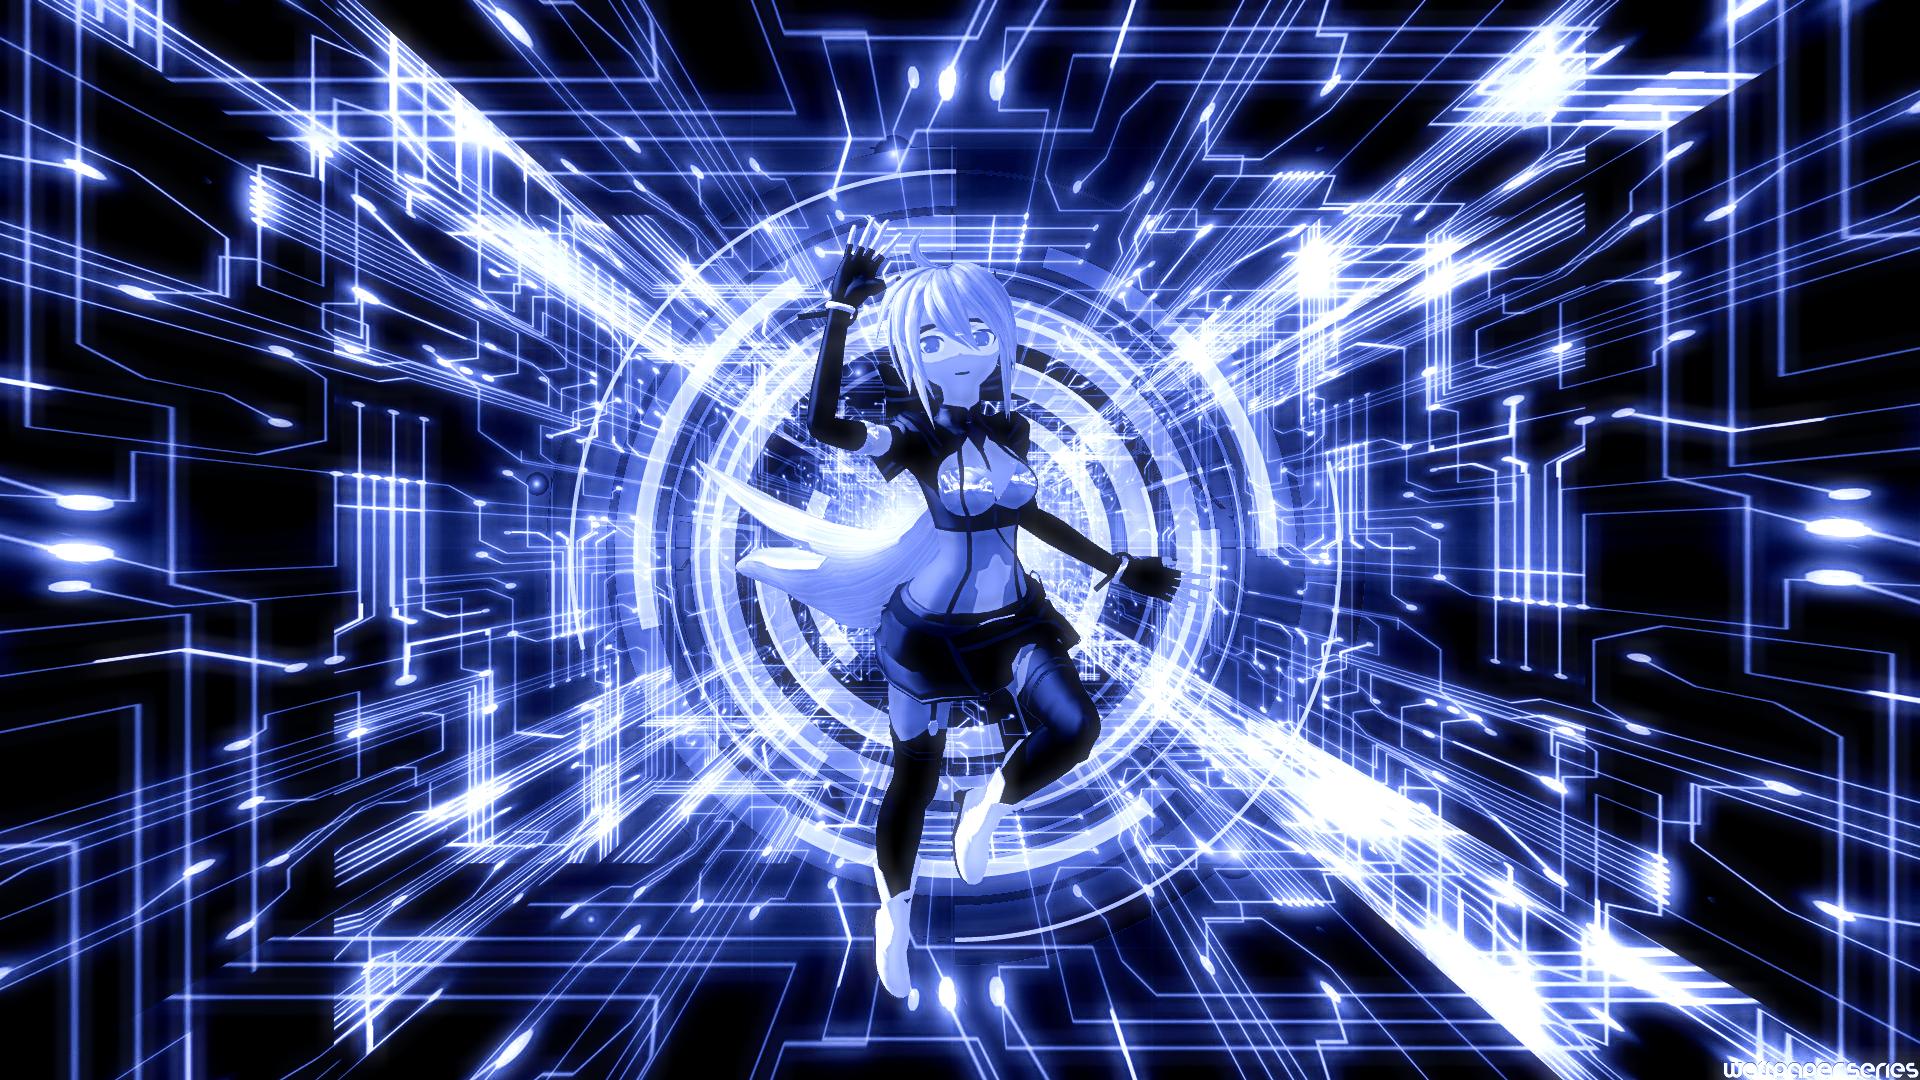 cyber_dive_by_kaomathecat-dbphk3l.png